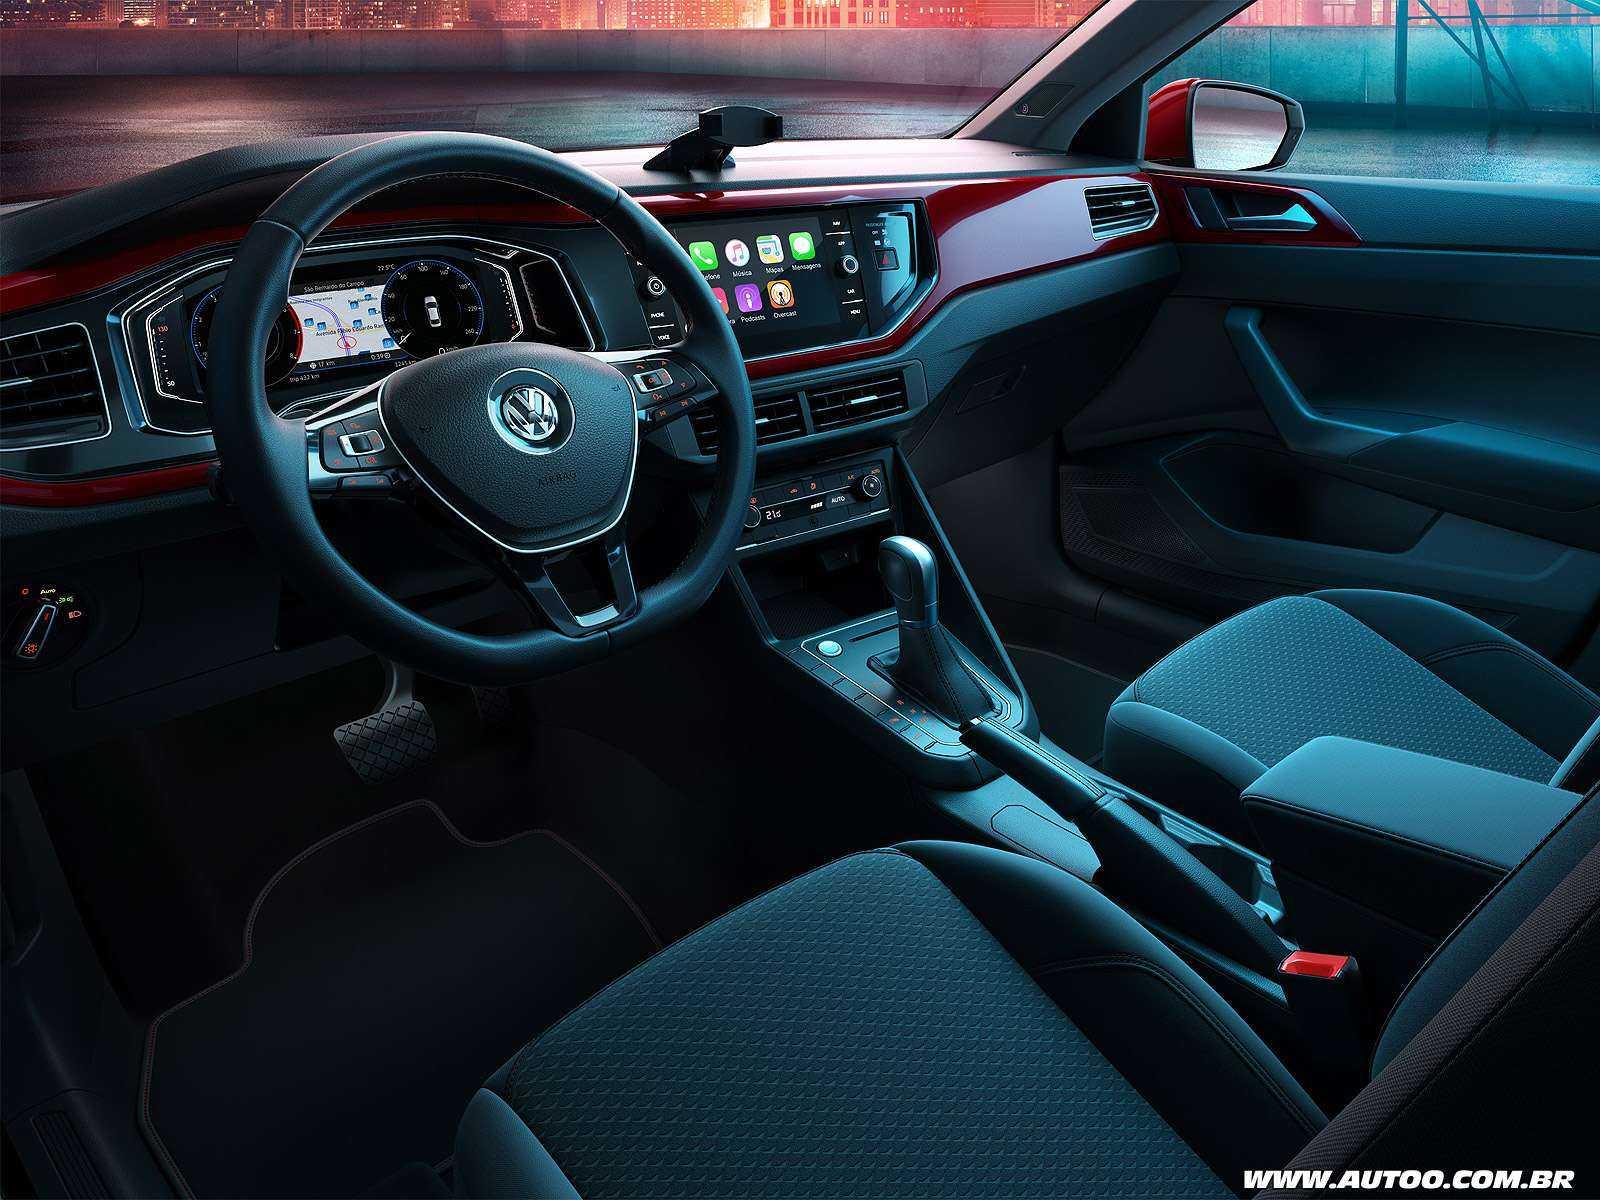 VolkswagenPolo 2019 - painel